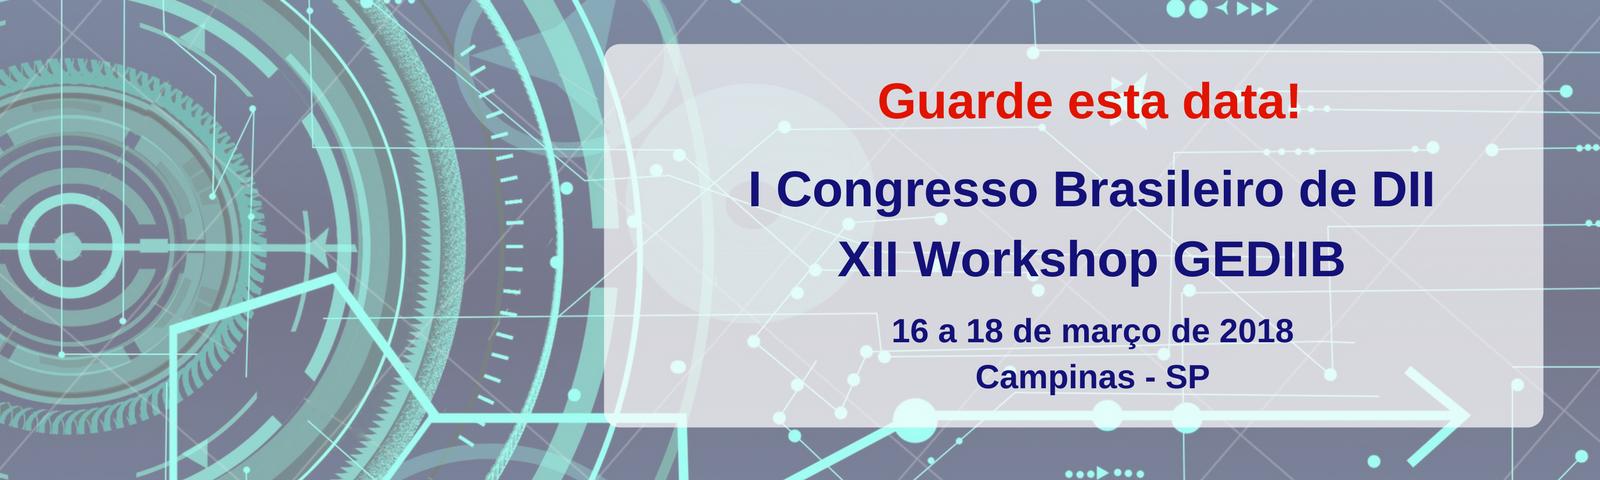 I Congresso Brasileiro de DII